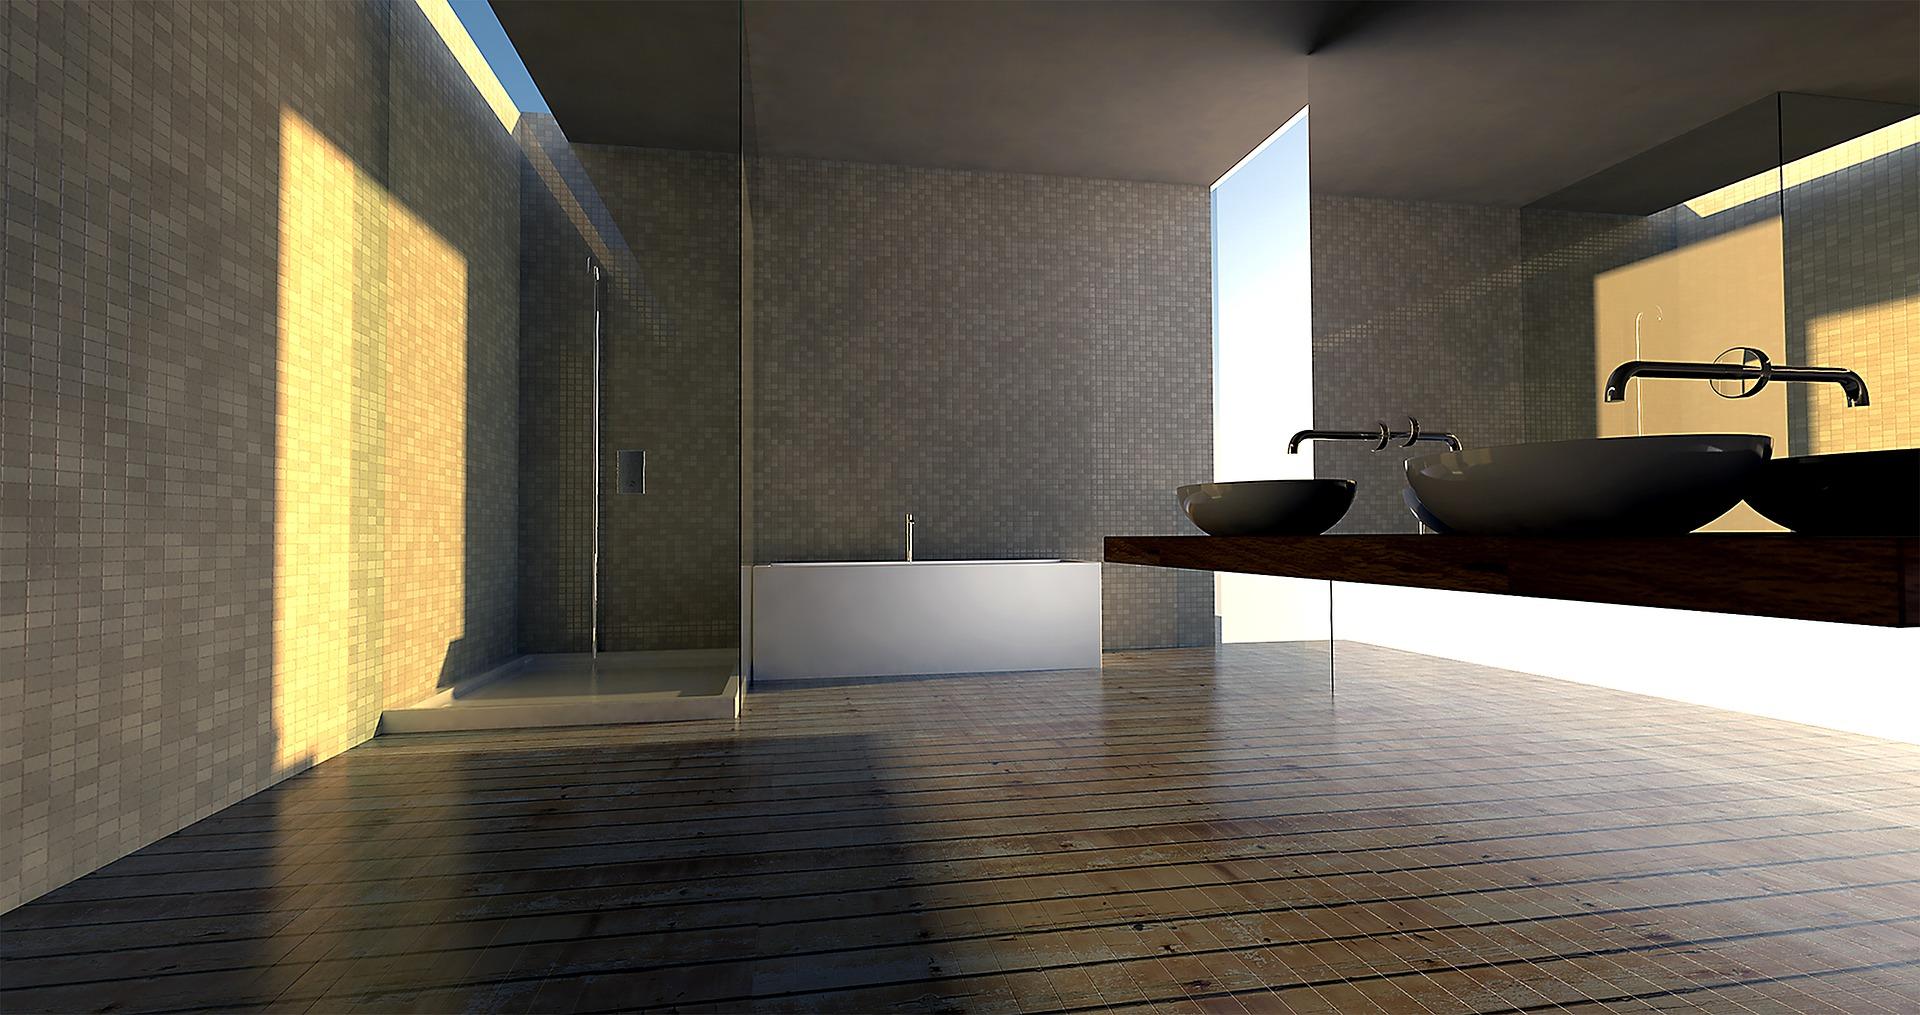 Full Size of Fliesenspiegel Verkleiden So Vielfltig Sind Mosaikfliesen Fr Haus Und Wohnung Franke Küche Selber Machen Glas Wohnzimmer Fliesenspiegel Verkleiden